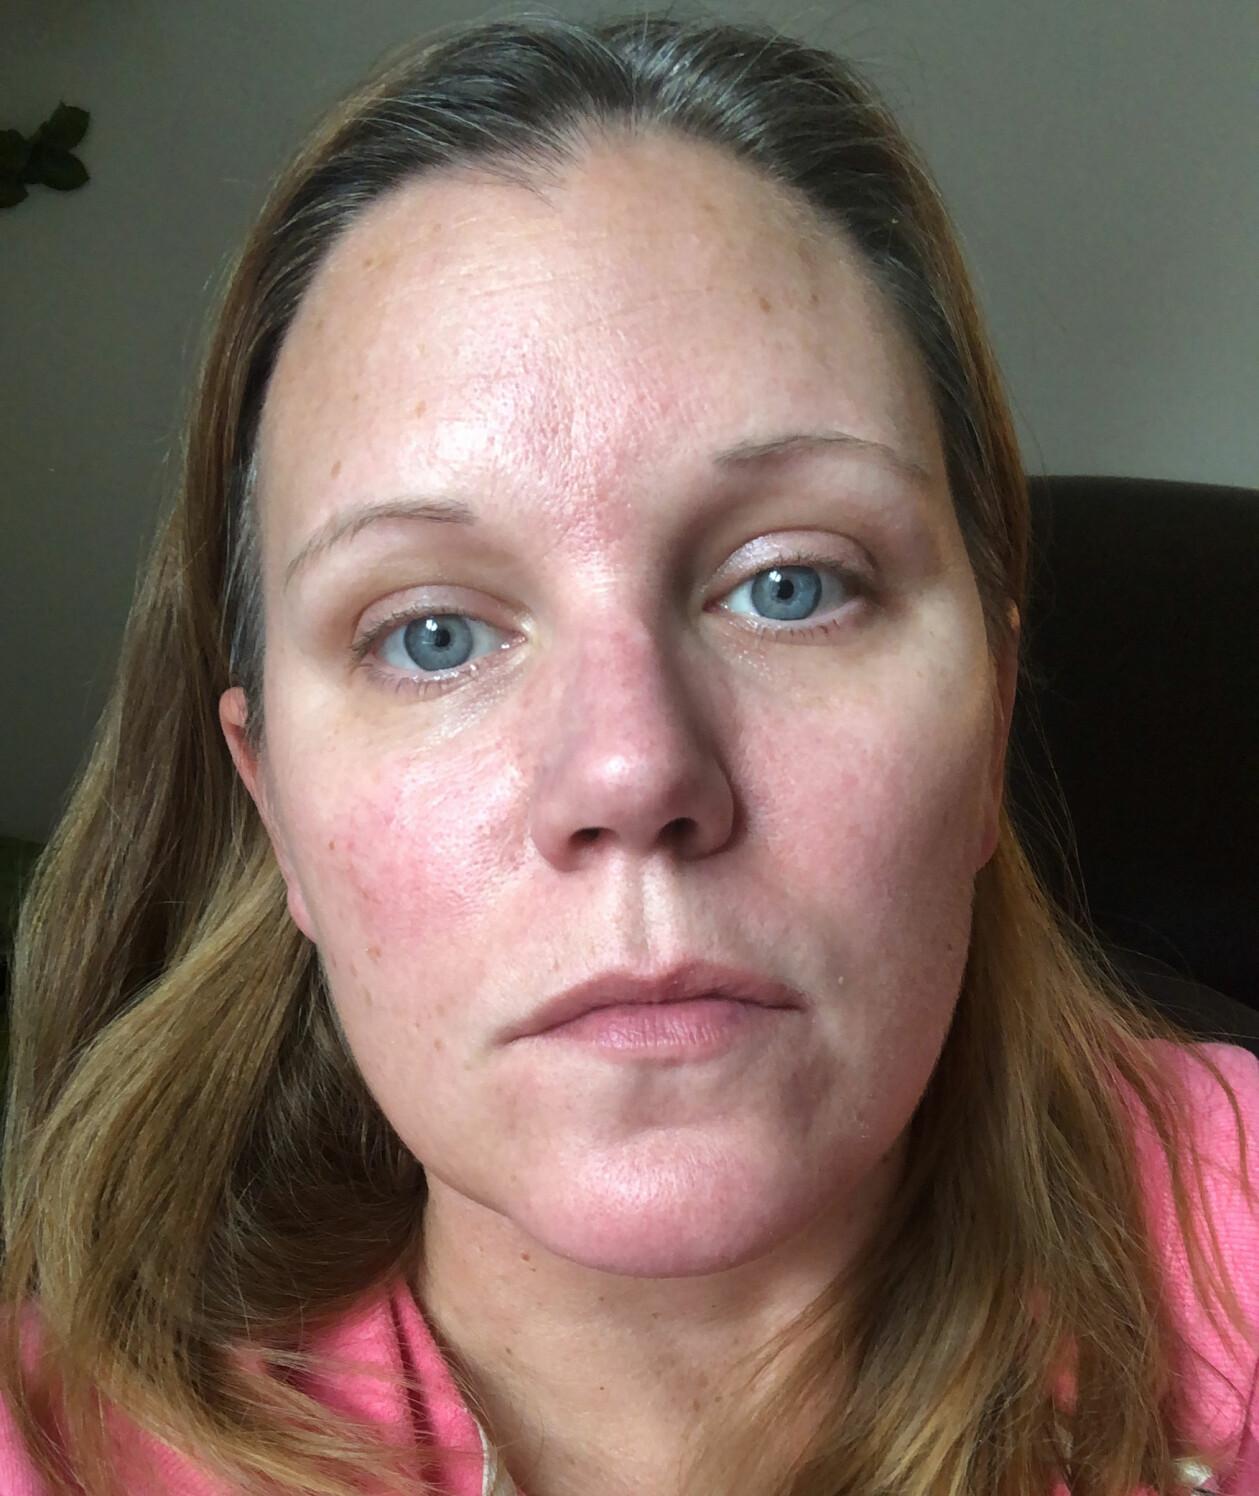 Anja L Sundberg är sjuk i covid-19 och tar en selfie för att visa upp rodnader i ansiktet.